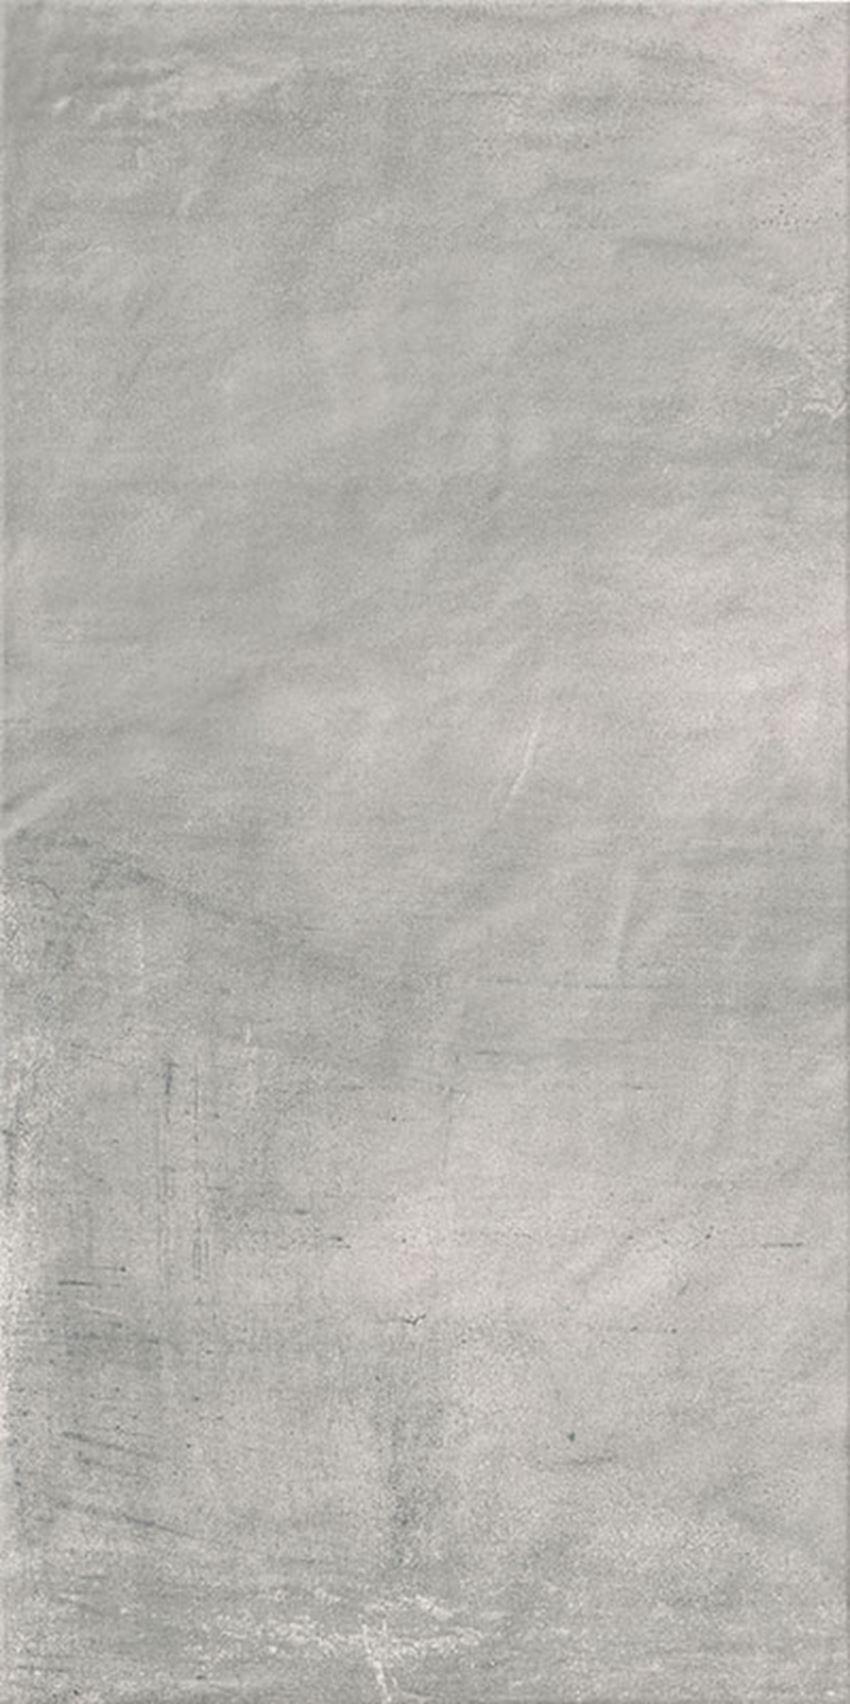 Płytka ścienno-podłogowa 59,8x119,8 cm Paradyż Hybrid Stone Grys Gres Szkl. Rekt. Struktura